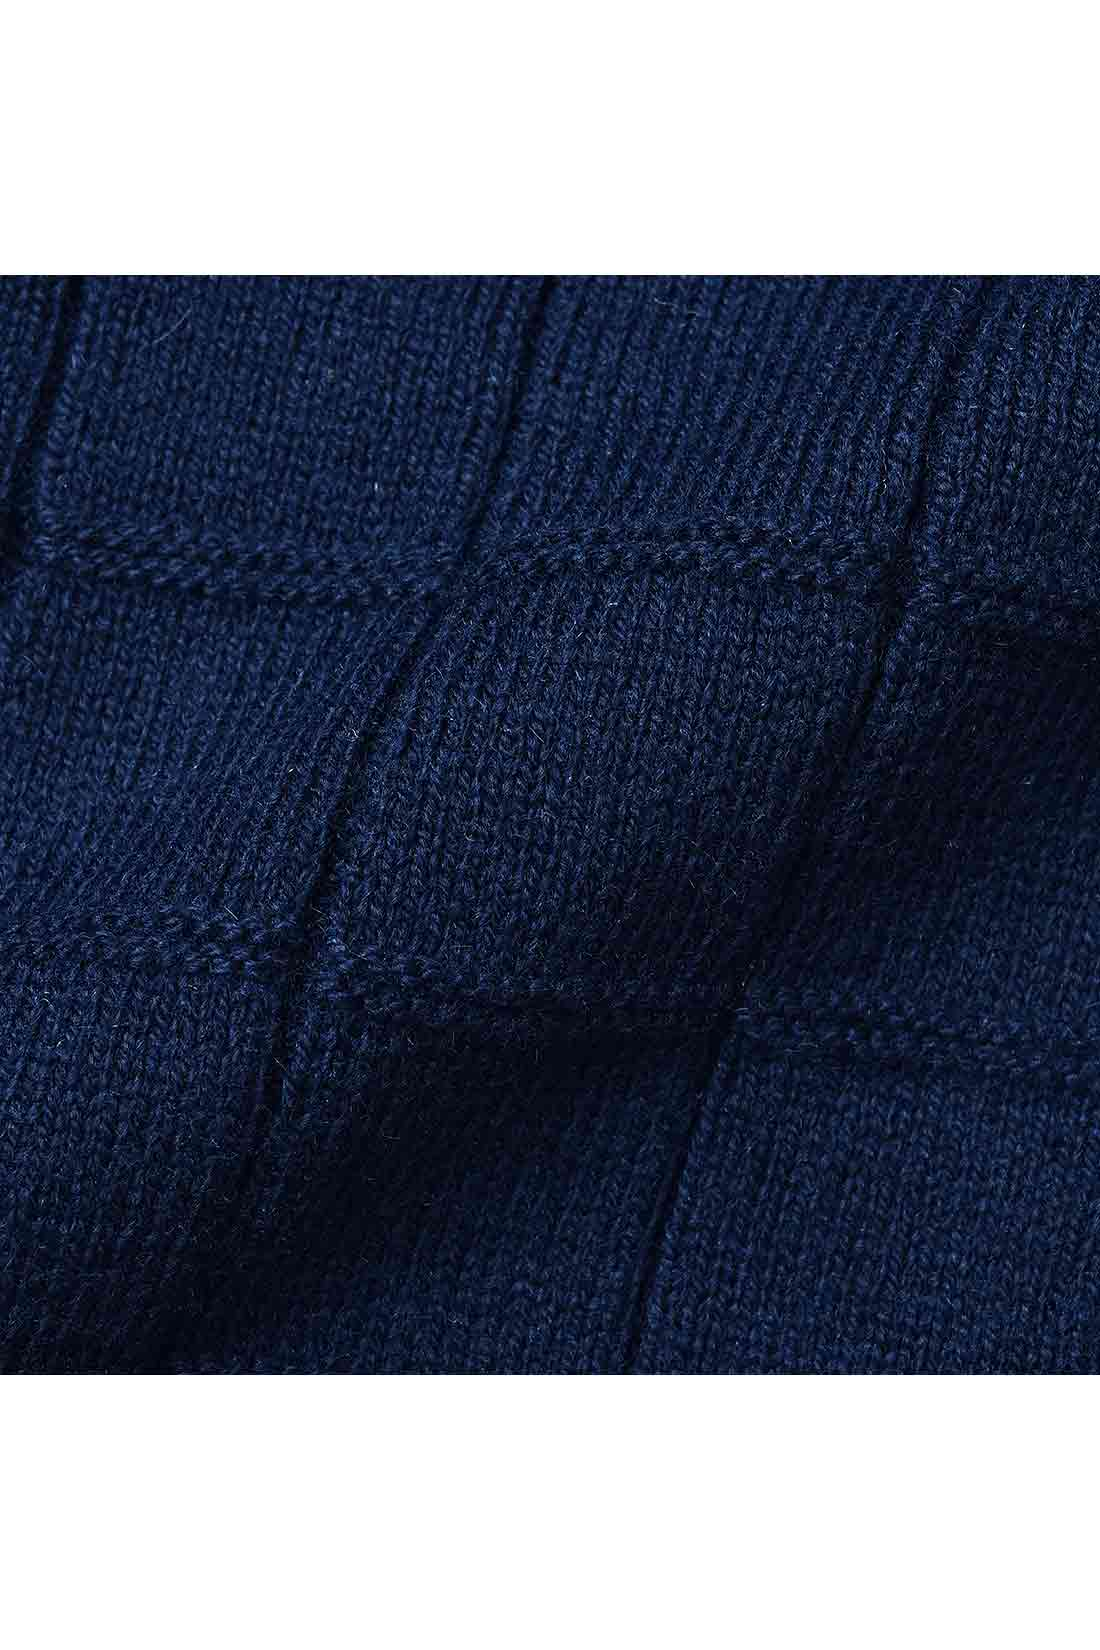 きれいめの編み地が美しいハイゲージのニット。インのニットは格子柄で表情があり上品な雰囲気。